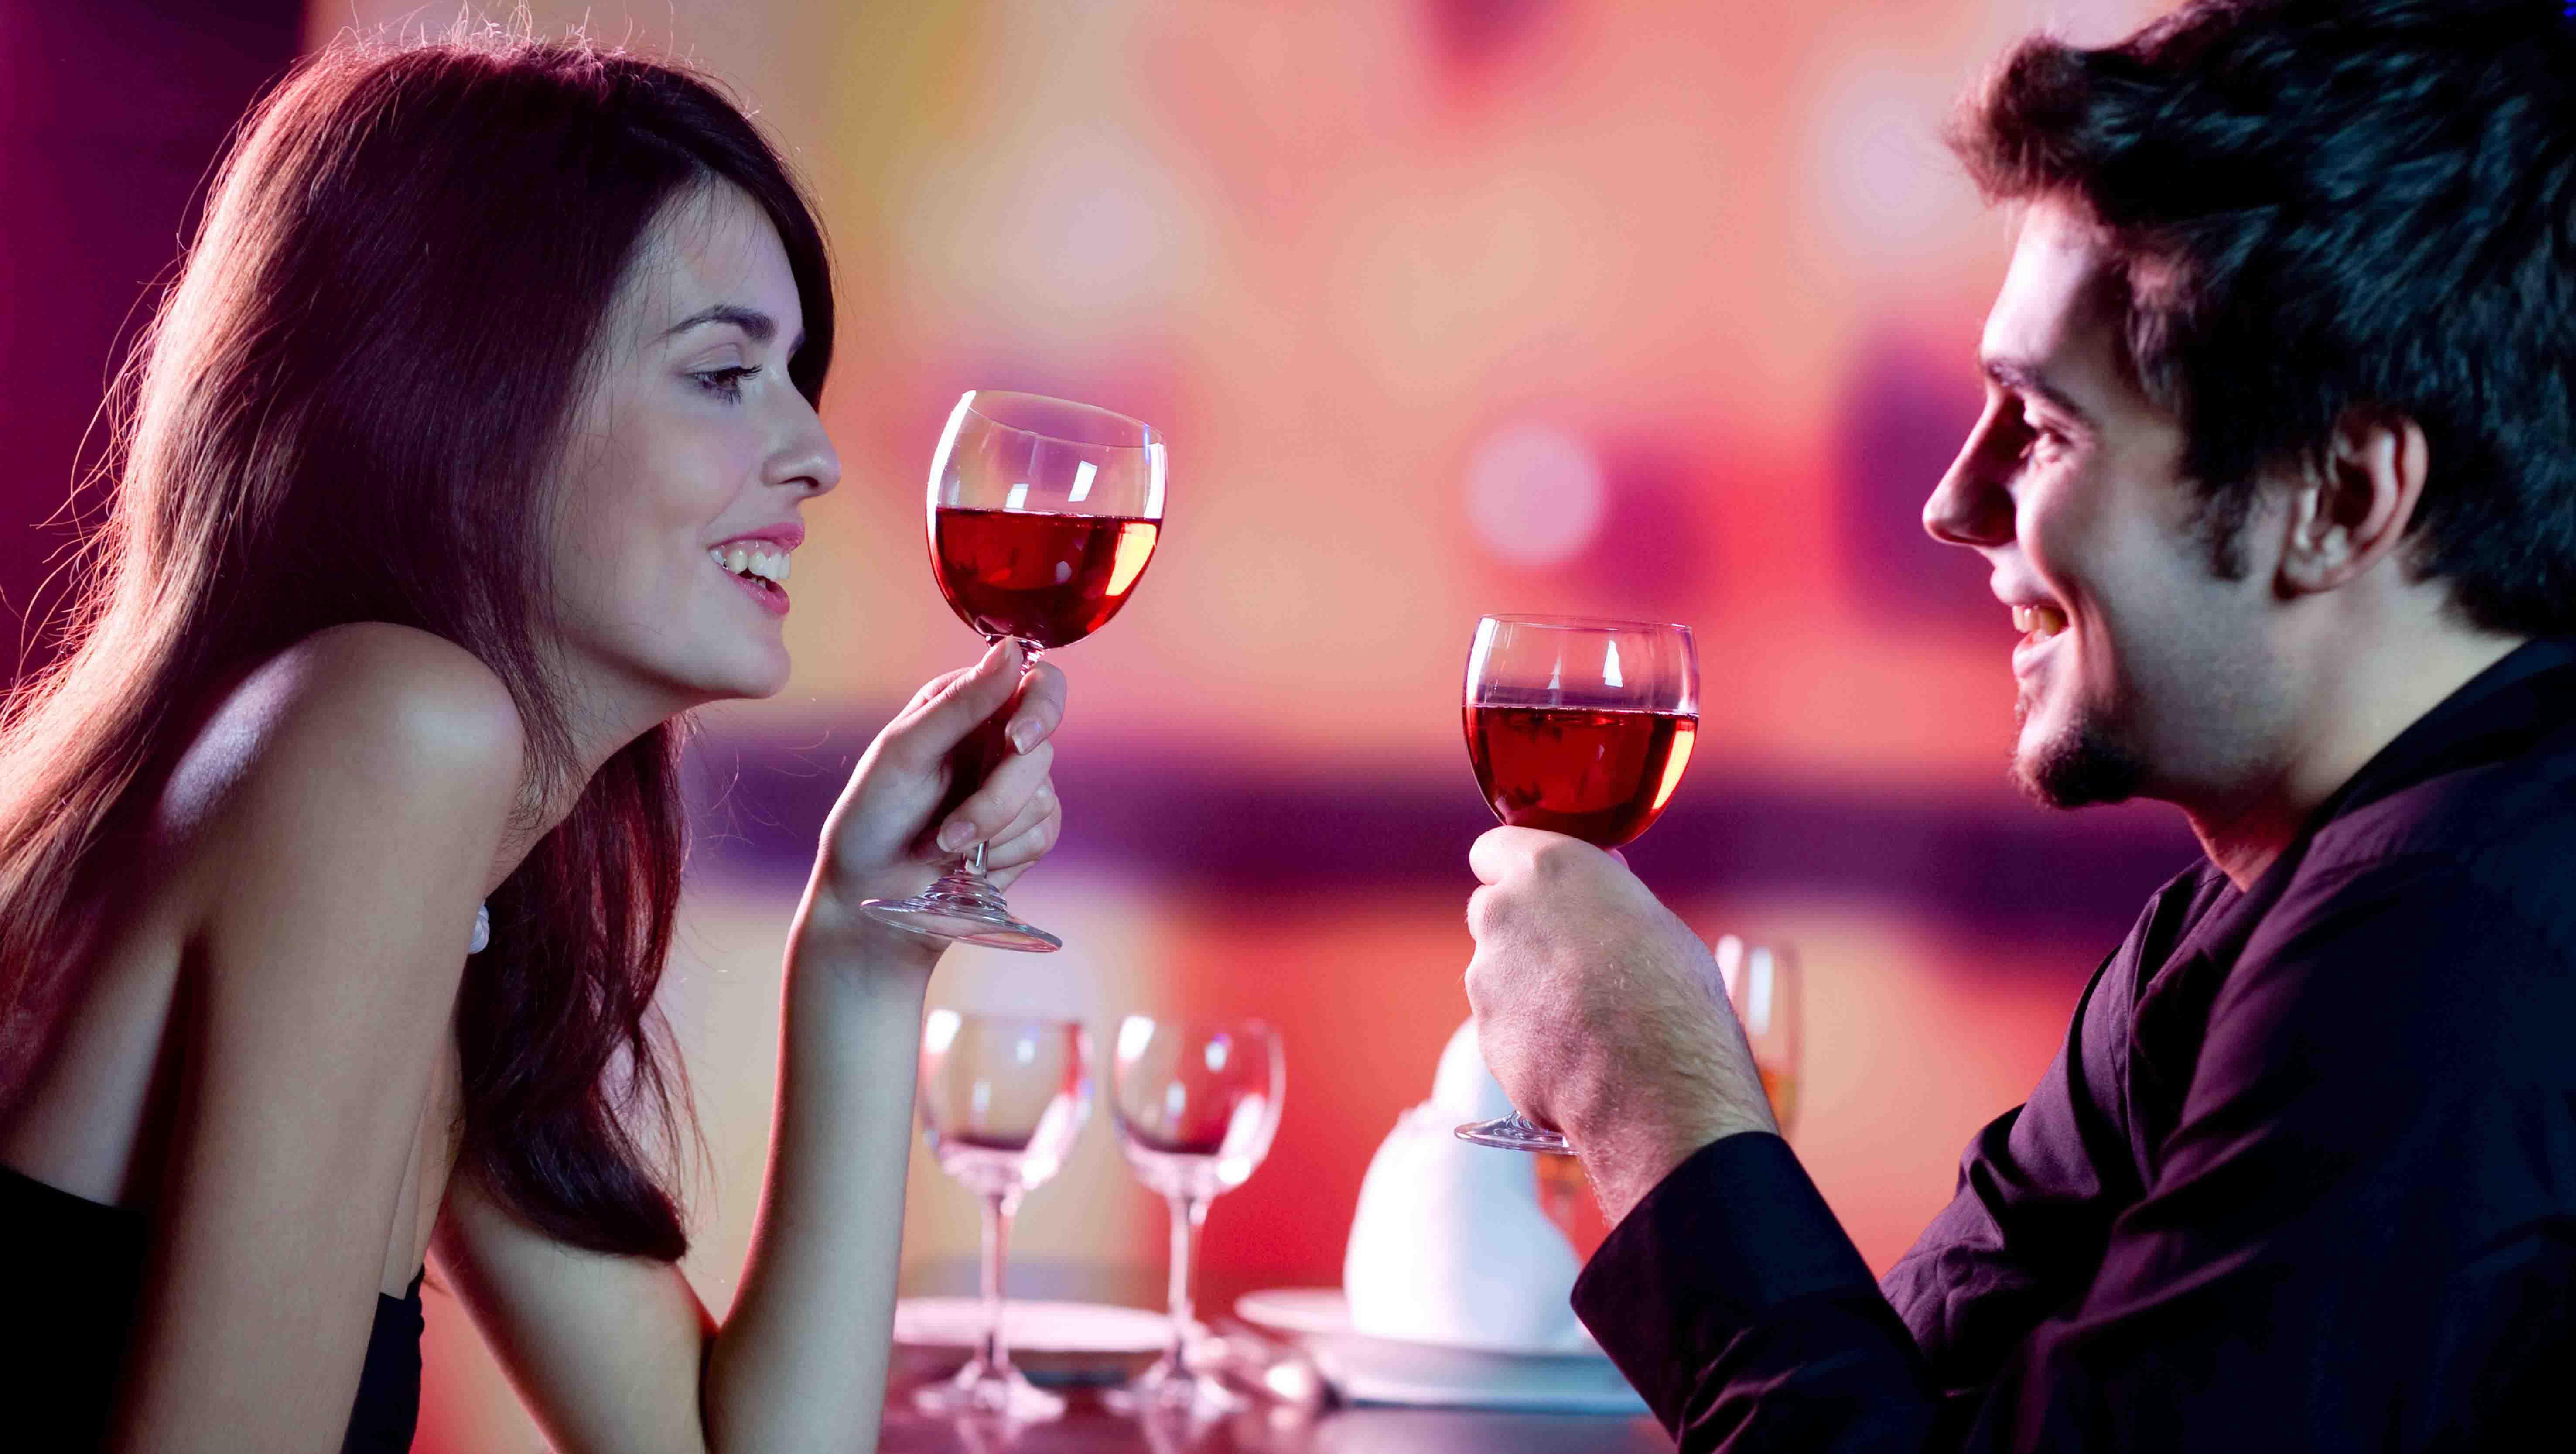 Романтика Знакомства С Девушками